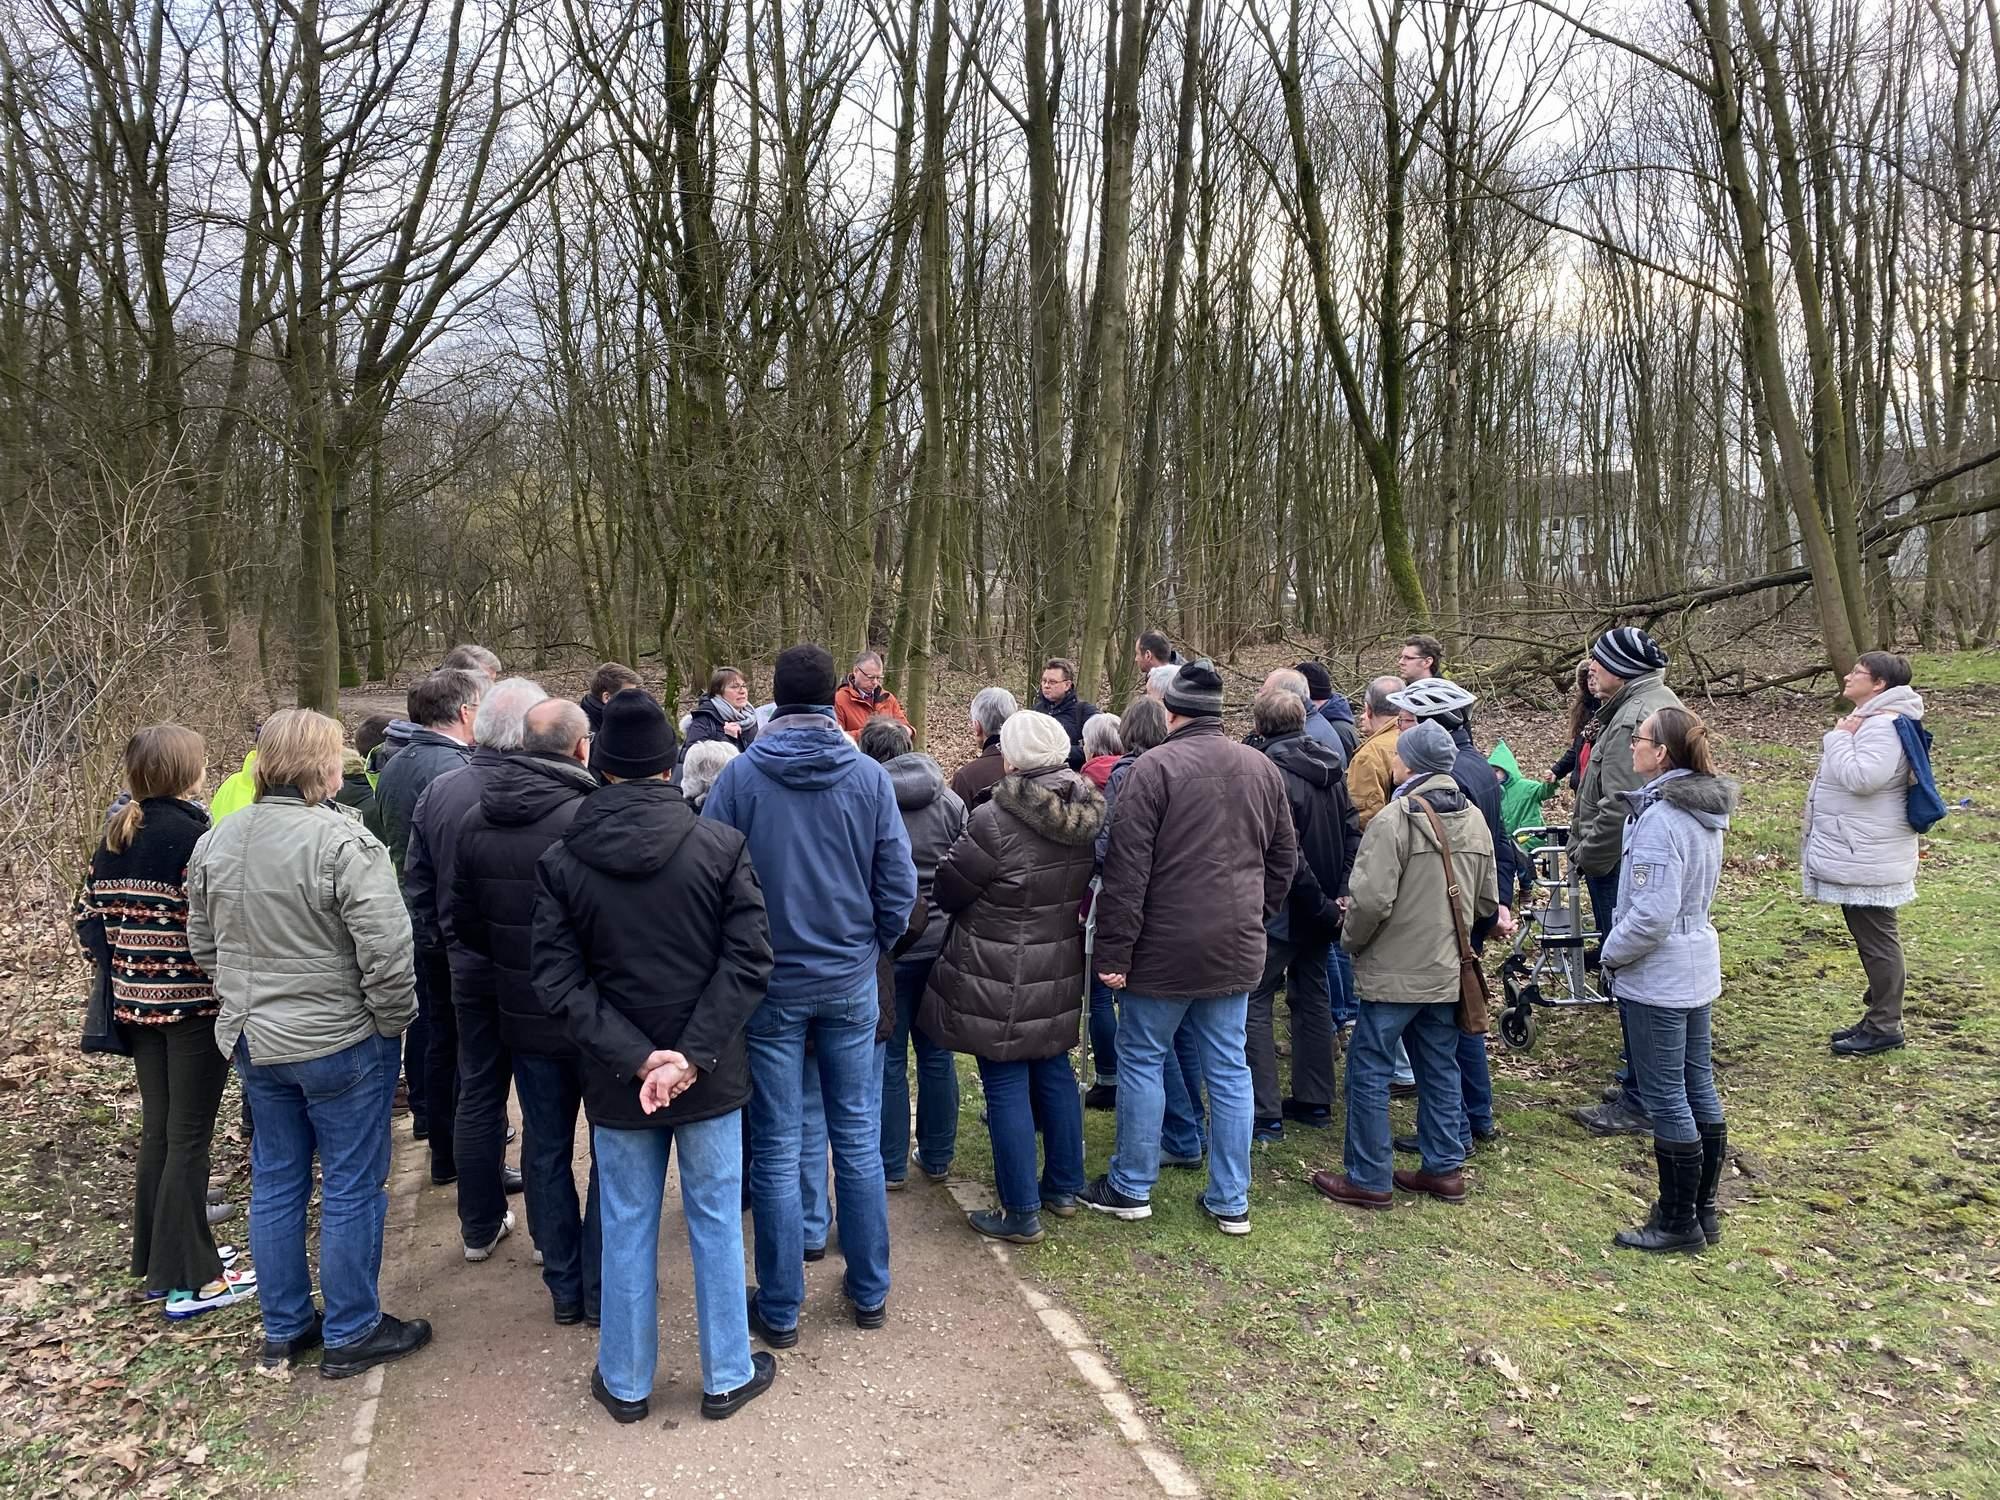 Bürger/innen, Verwaltung und Politik: Der Wald muss bleiben